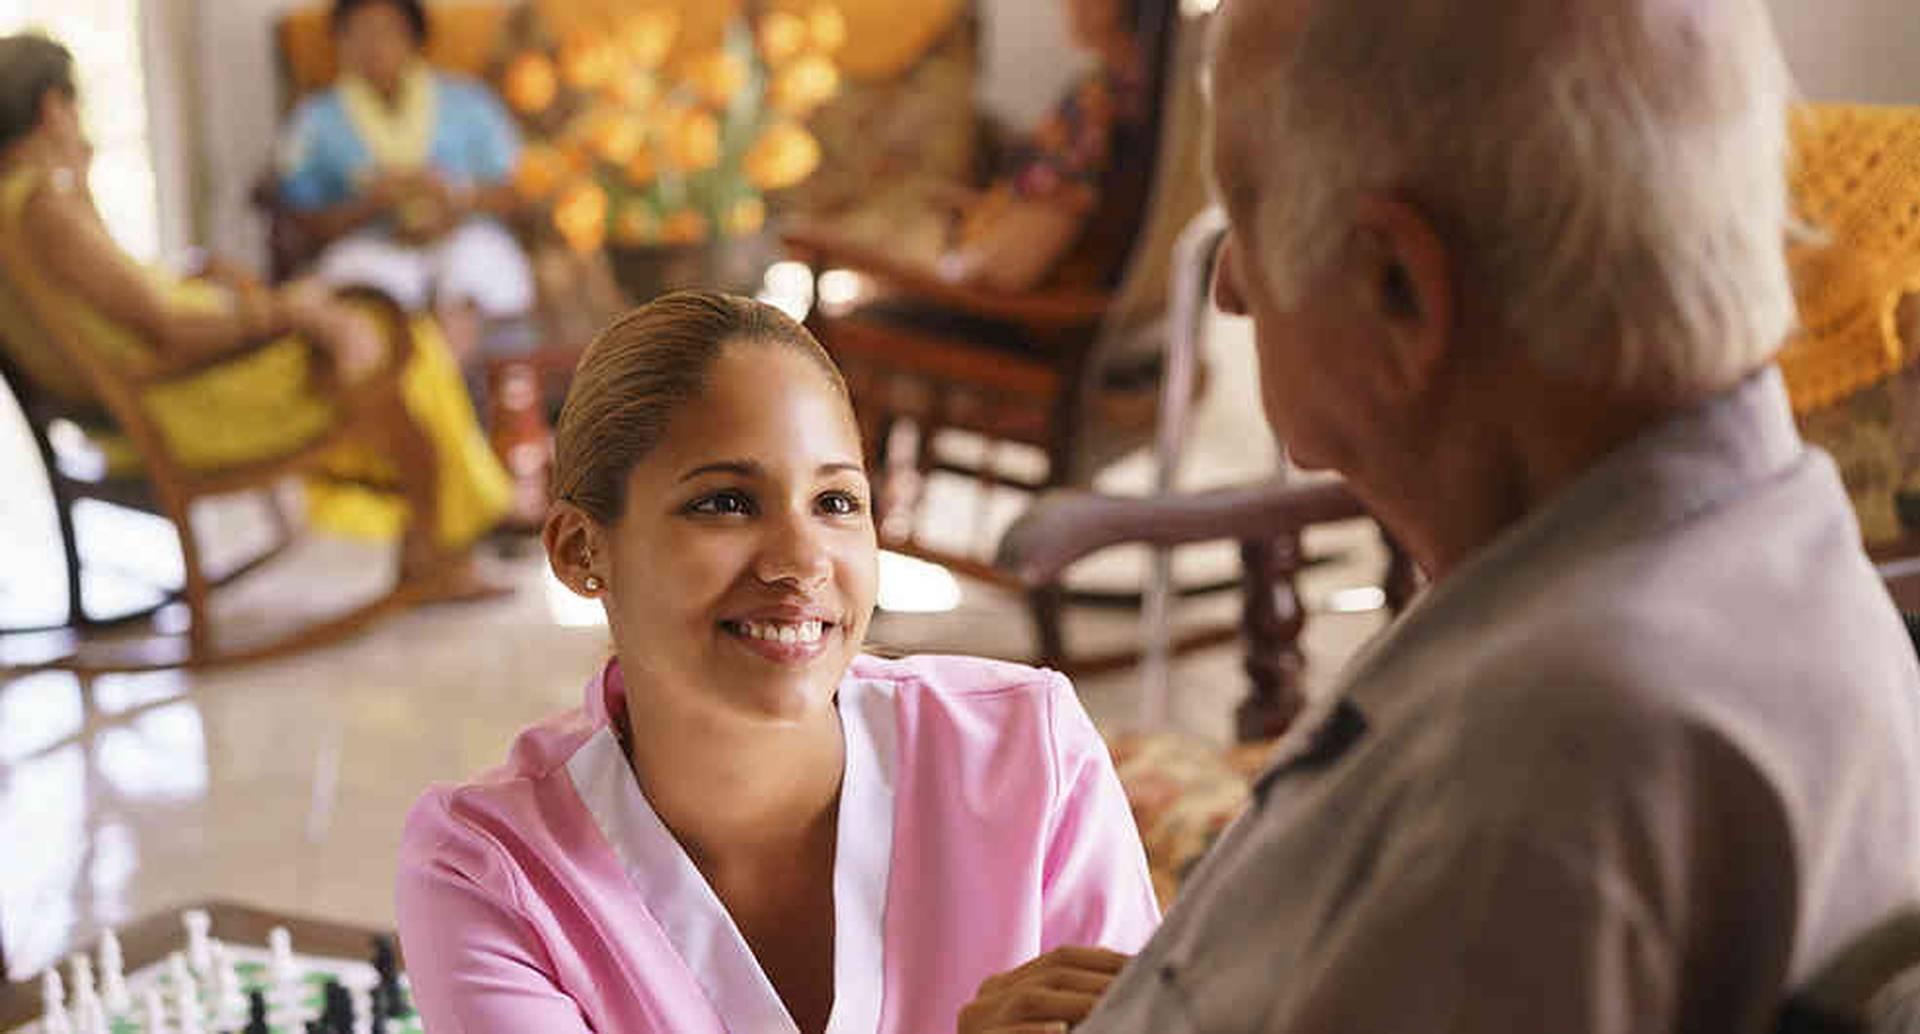 El 90 por ciento de los colombianos tienen limitaciones económicas que les impiden pagar un cuidador formal o una institución.